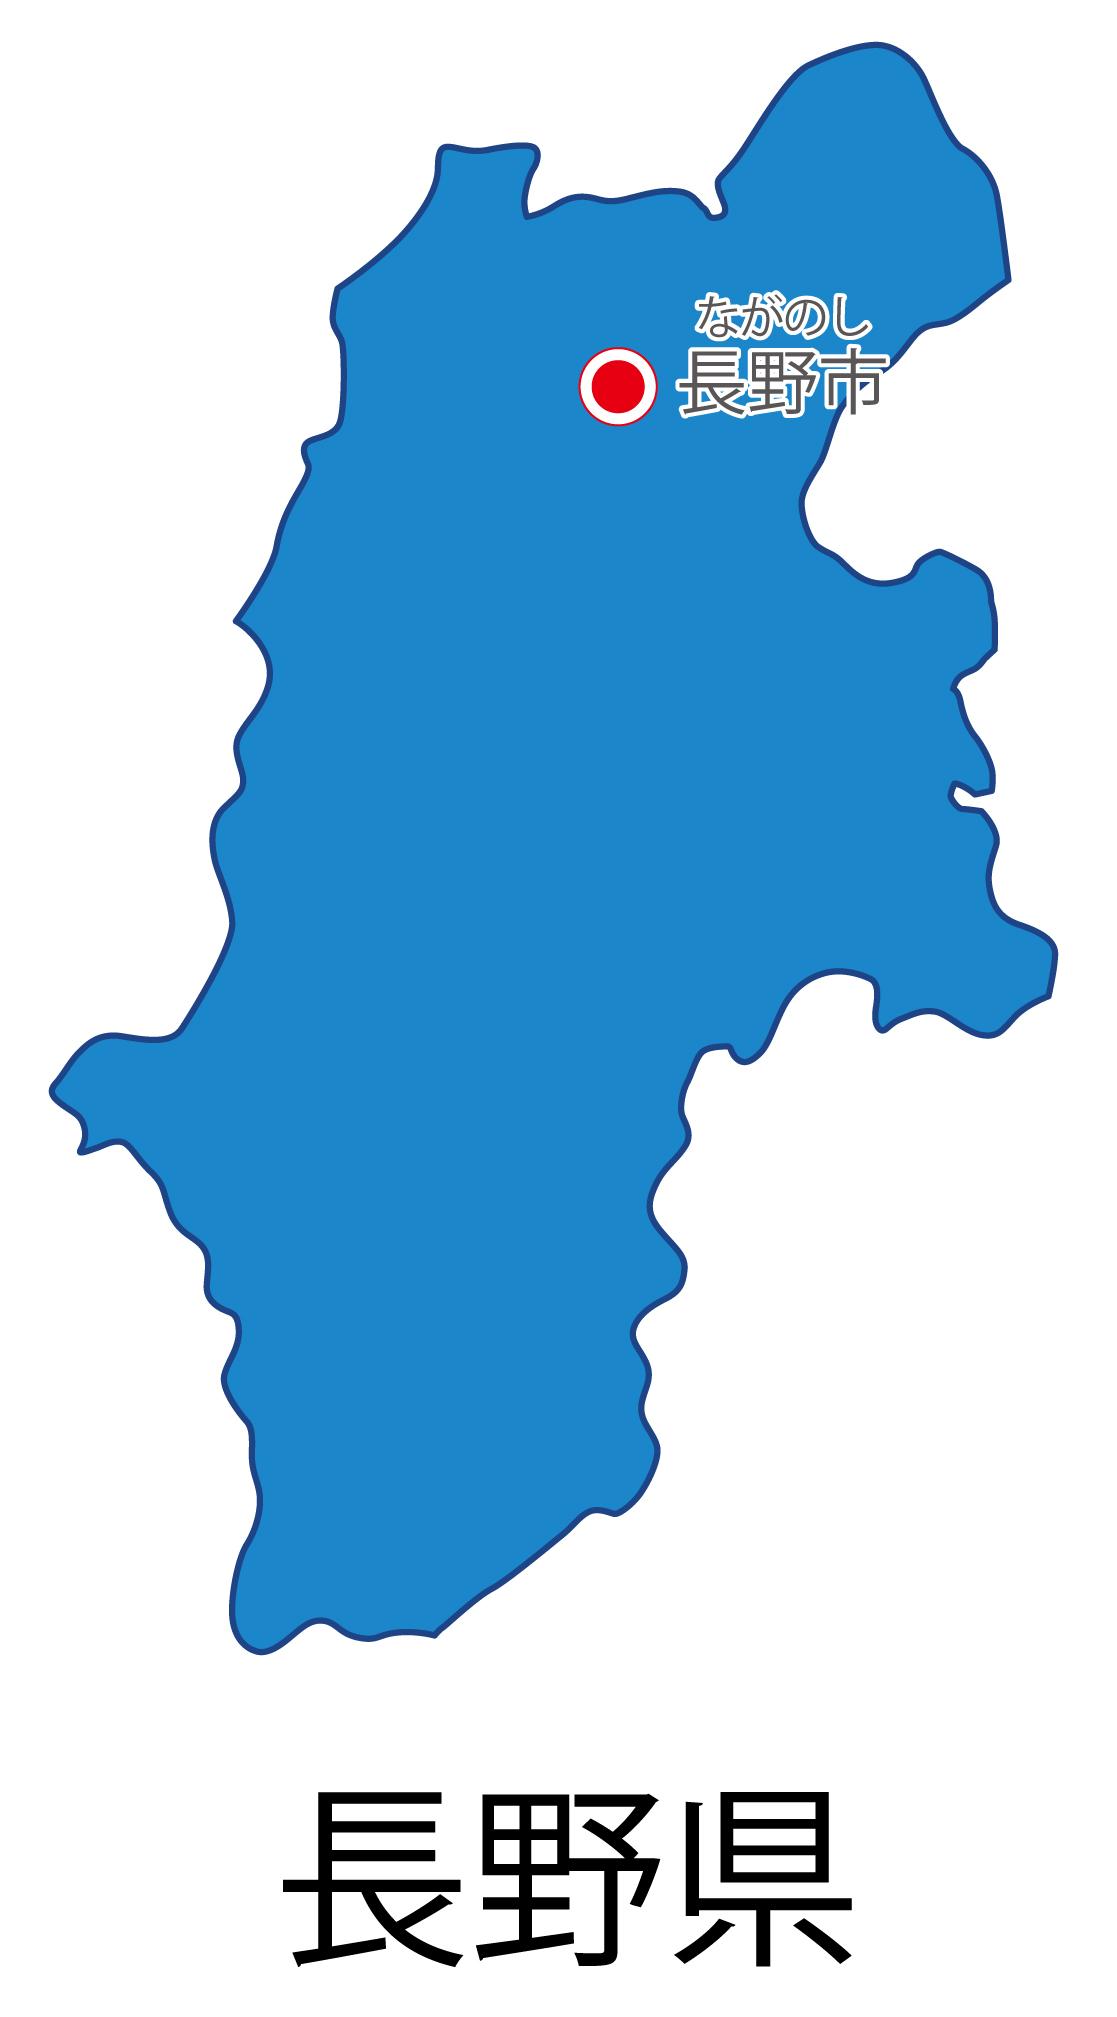 長野県無料フリーイラスト|日本語・都道府県名あり・県庁所在地あり・ルビあり(青)